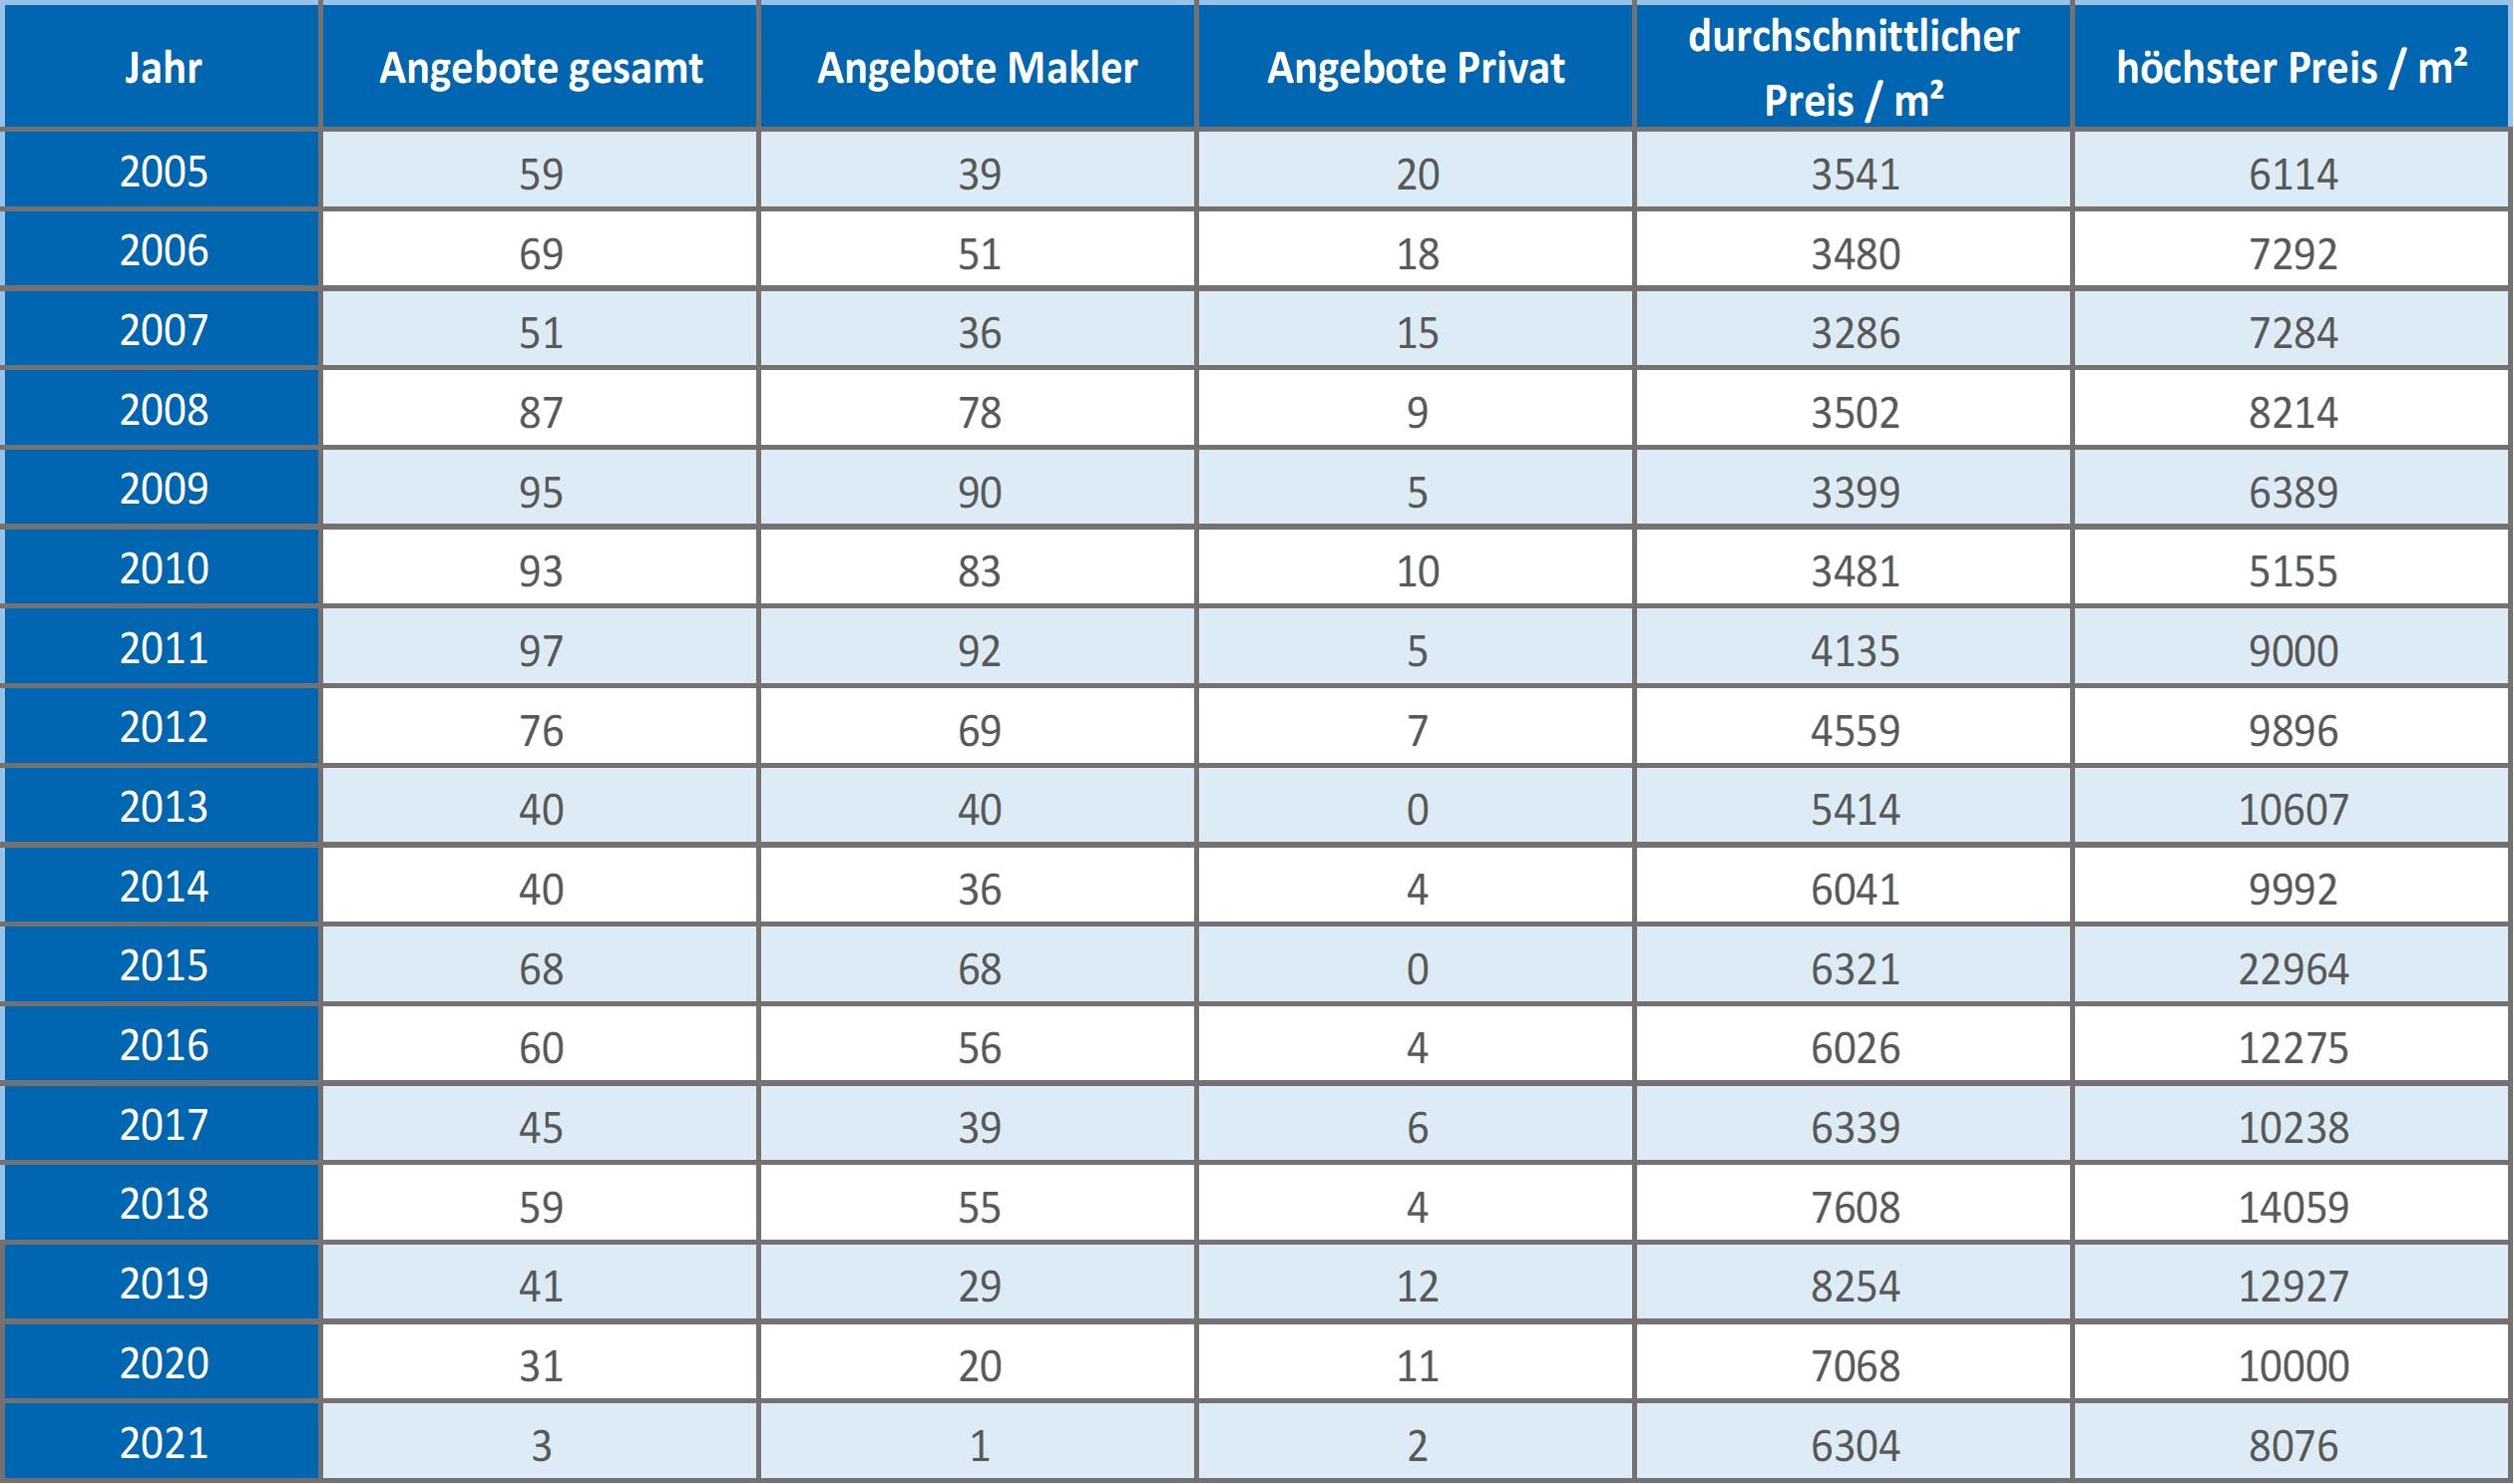 Planegg Haus kaufen verkaufen Preis Bewertung Makler www.happy-immo.de 2019 2020 2021